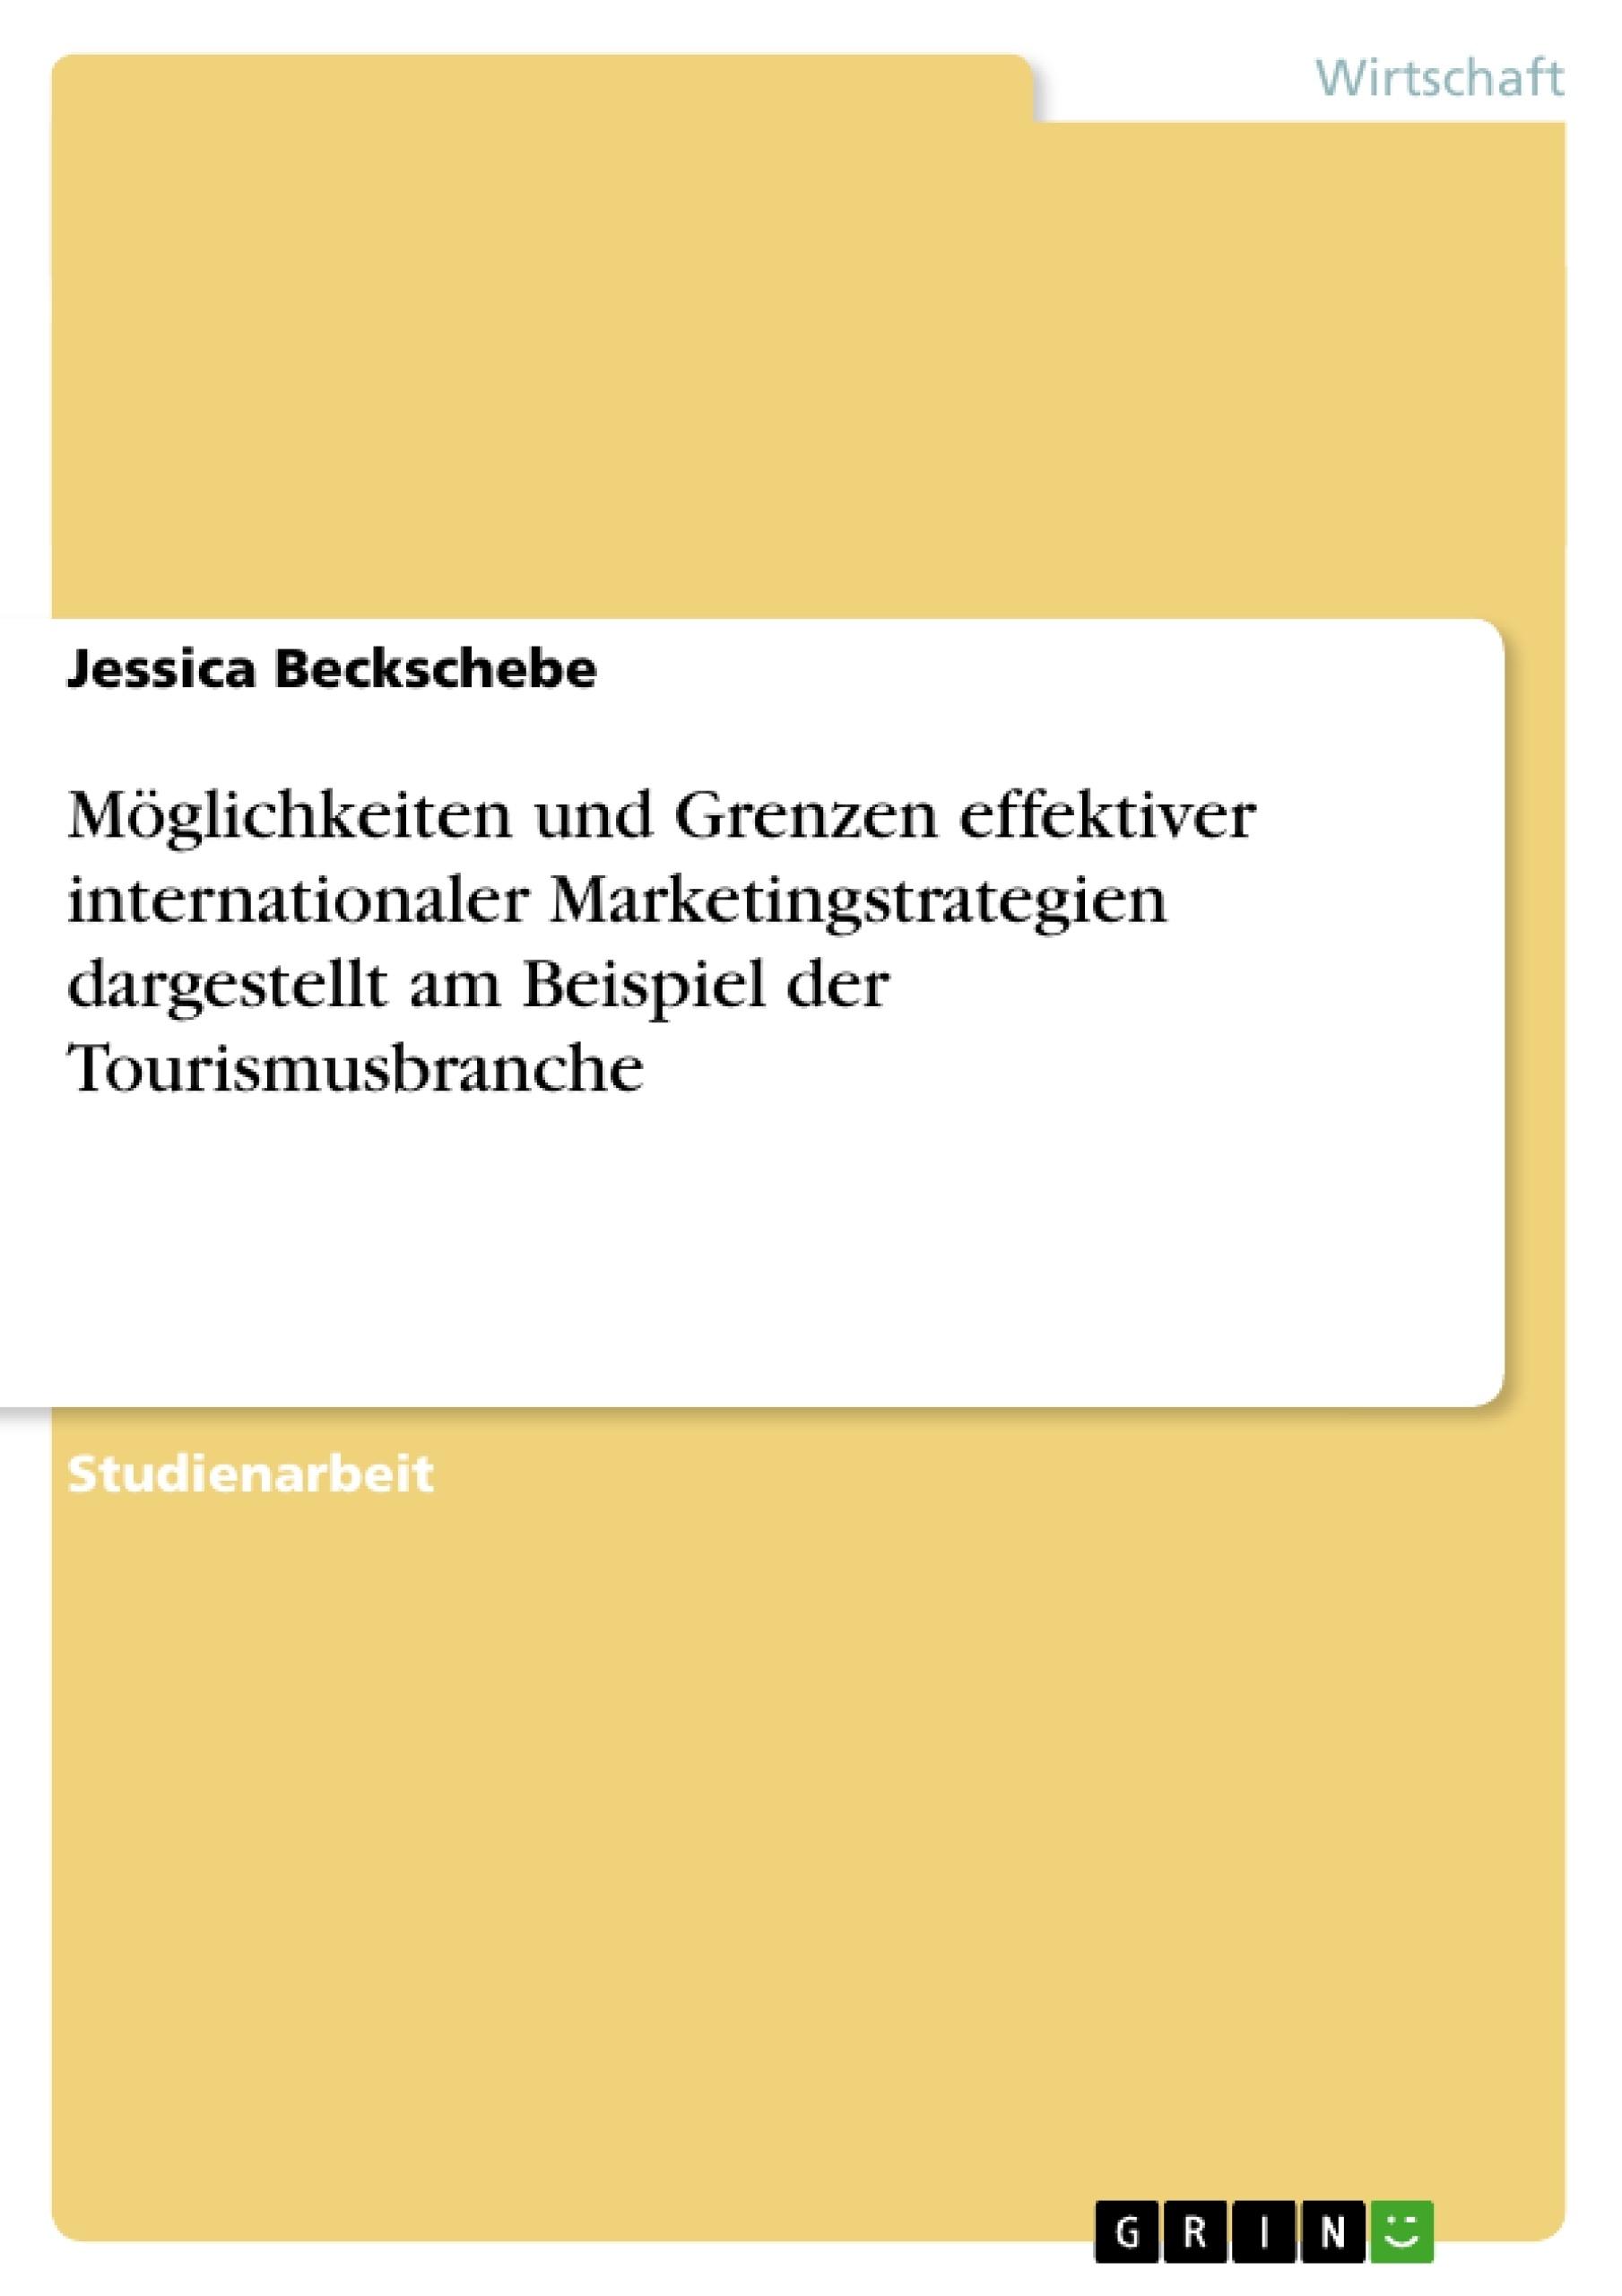 Titel: Möglichkeiten und Grenzen effektiver internationaler Marketingstrategien dargestellt am Beispiel der Tourismusbranche